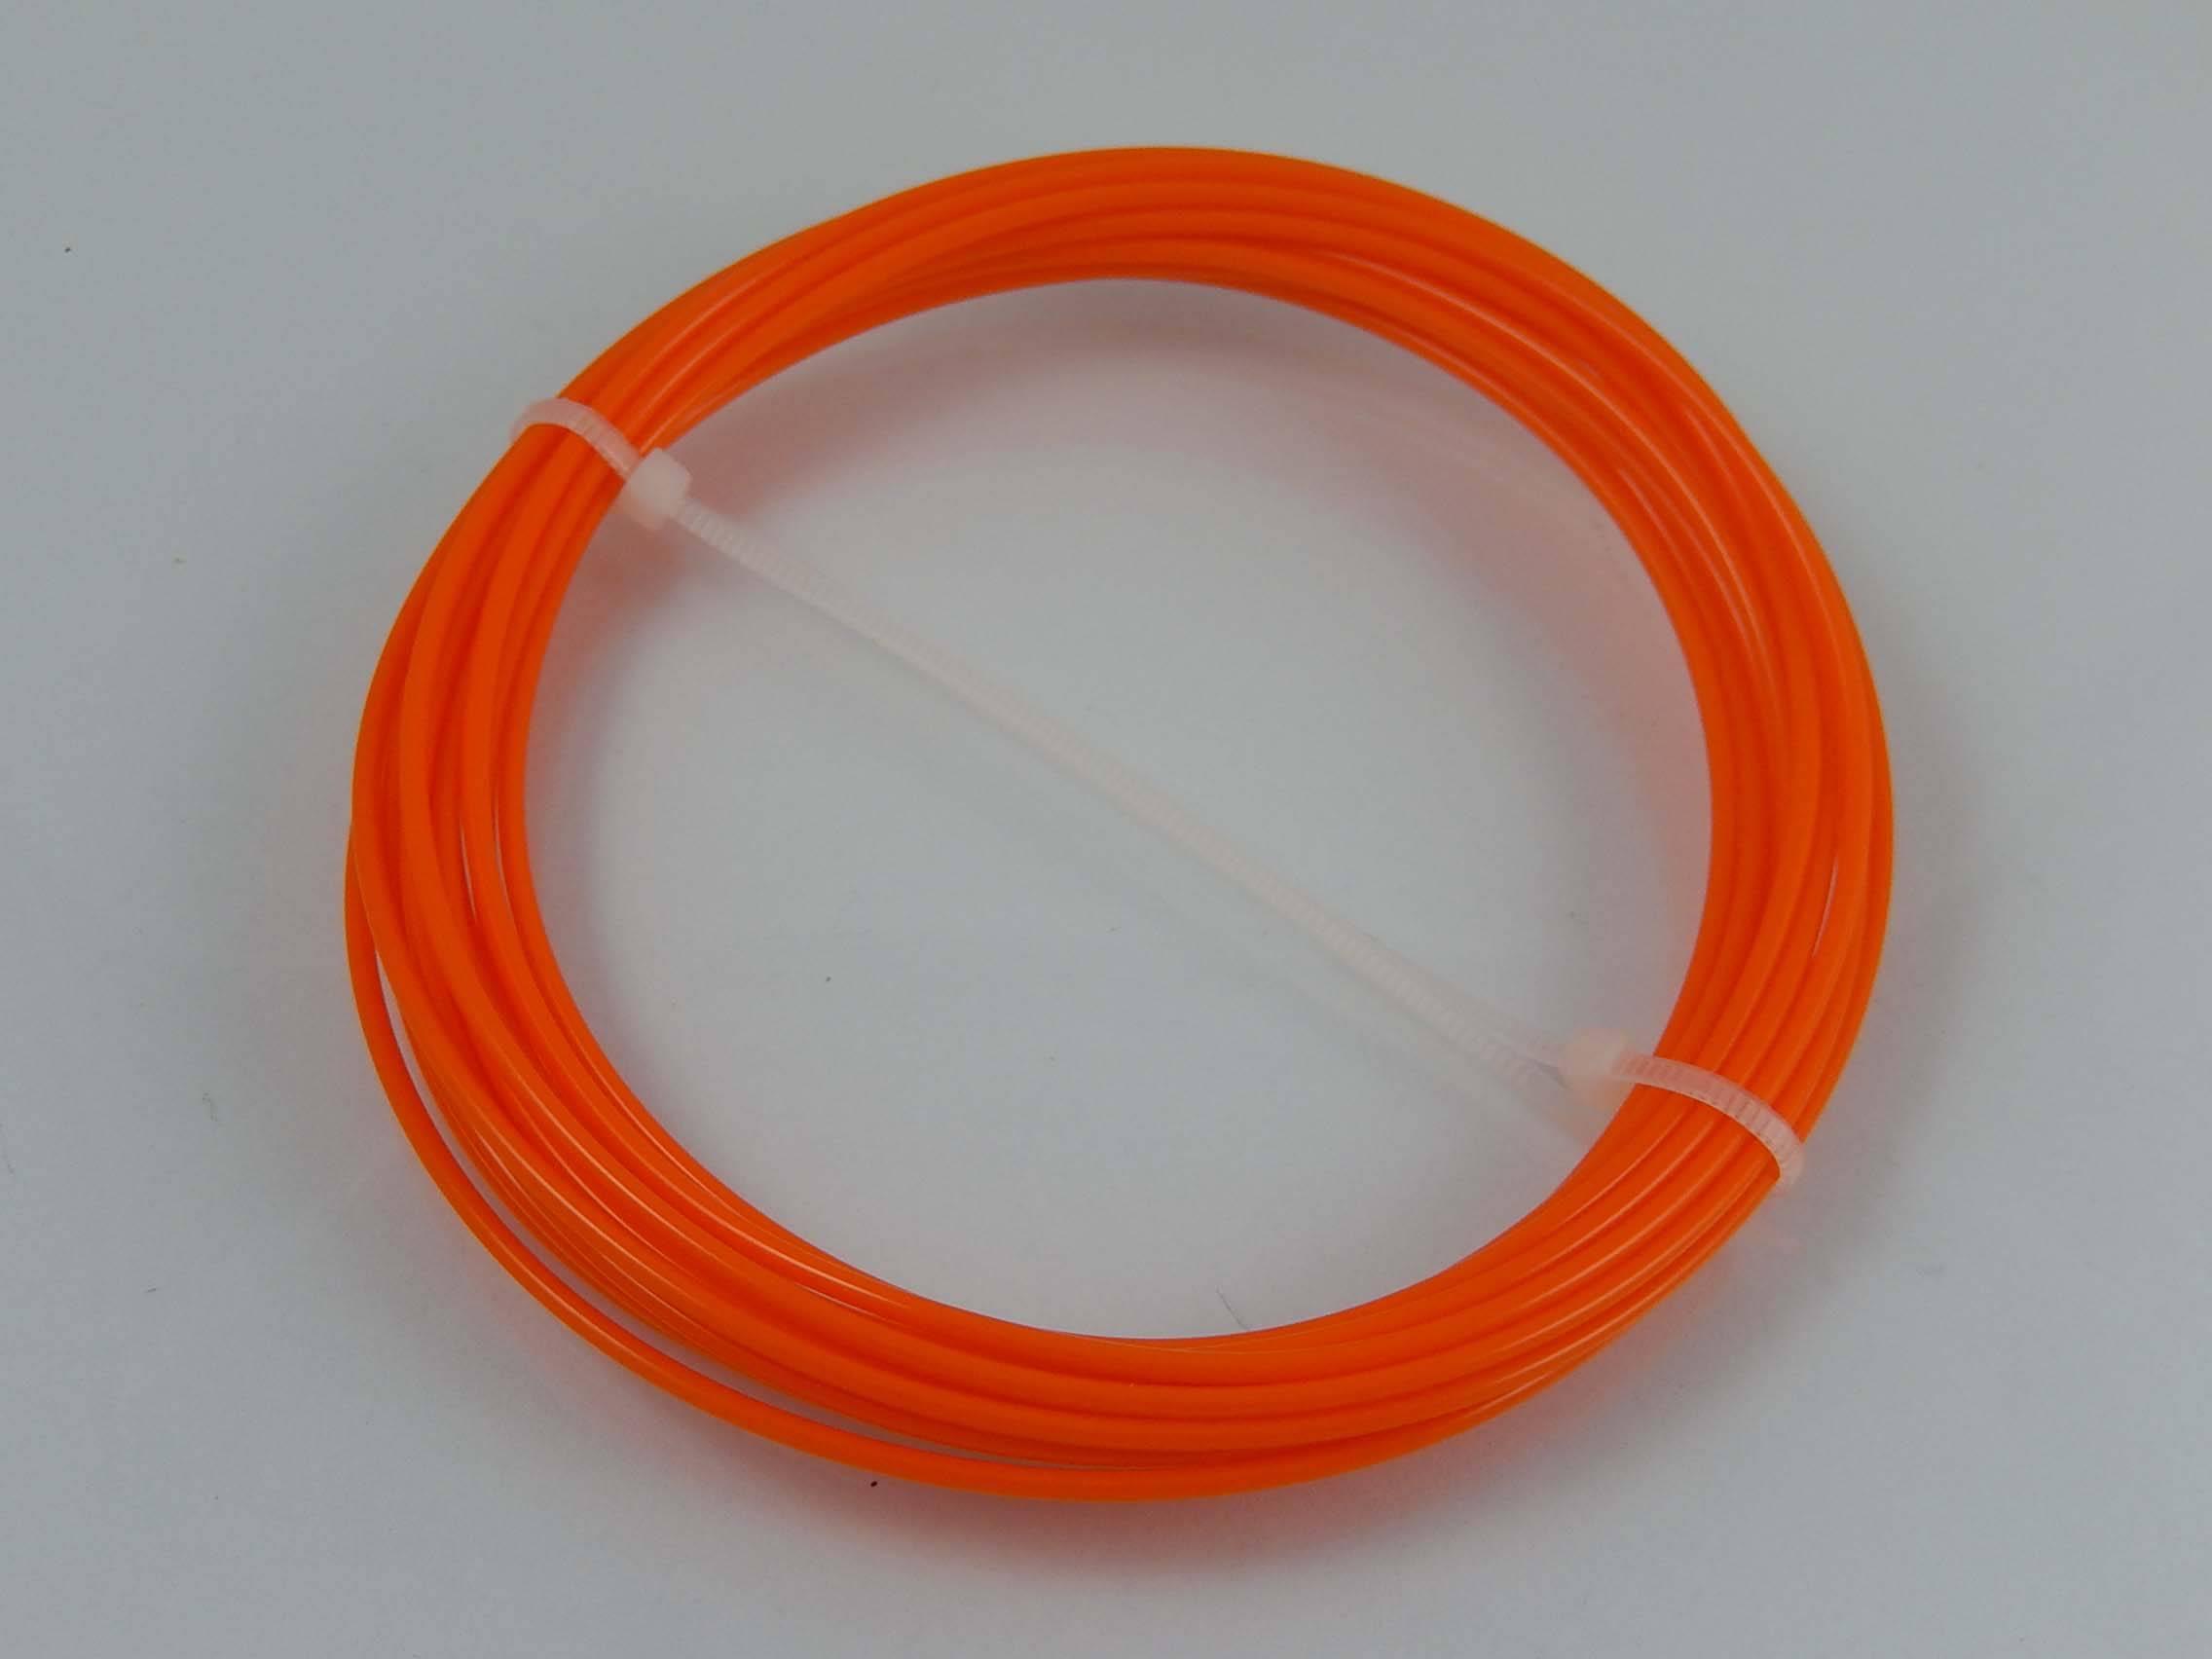 1-kg-Spule Basics 3D-Drucker-Filament aus PETG-Kunststoff 1,75 mm Orange